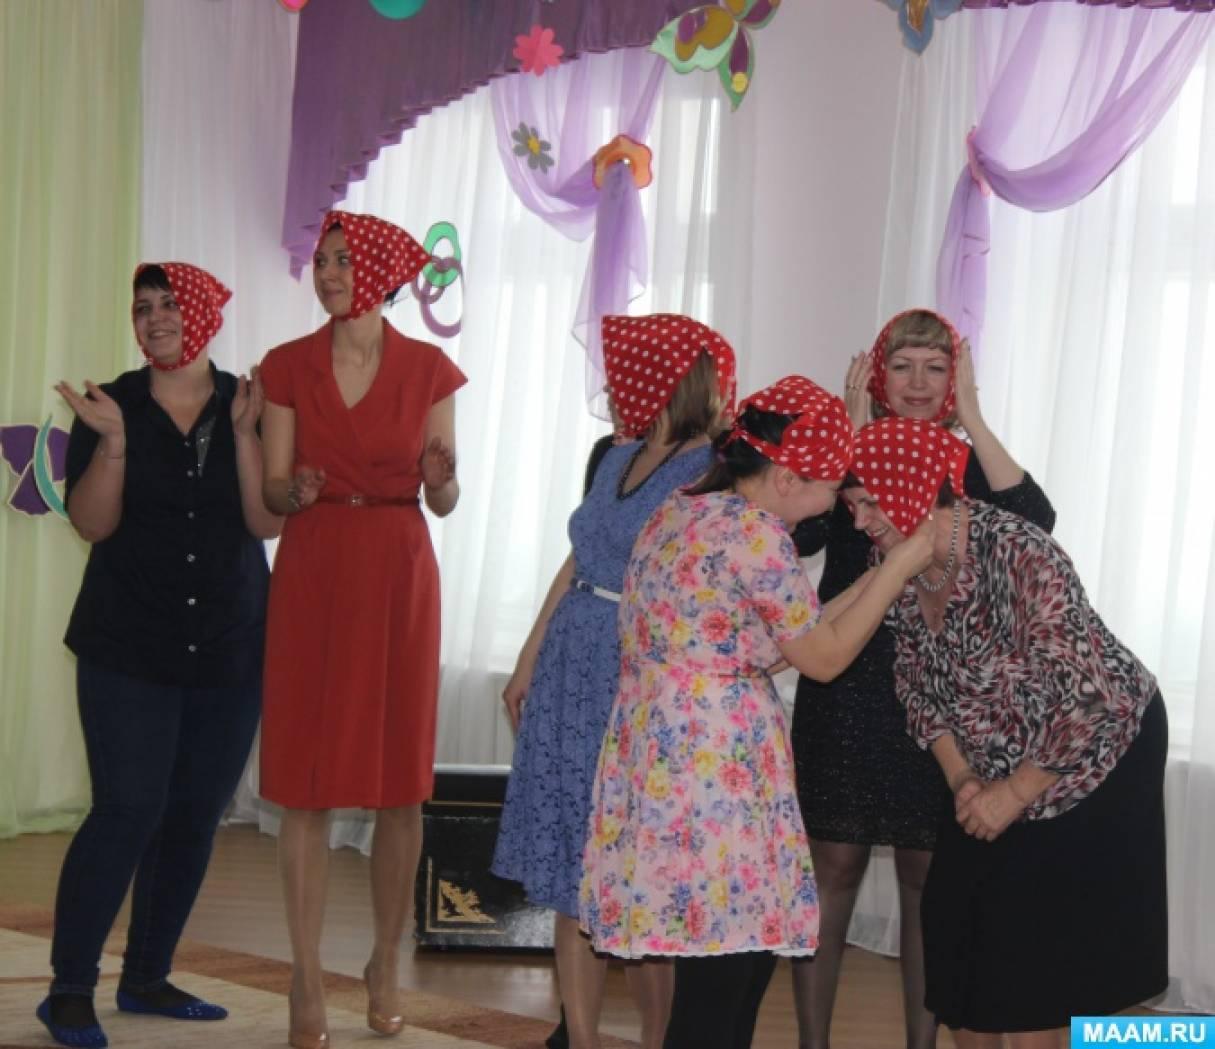 Сценки и конкурсы на юбилей бабушке от